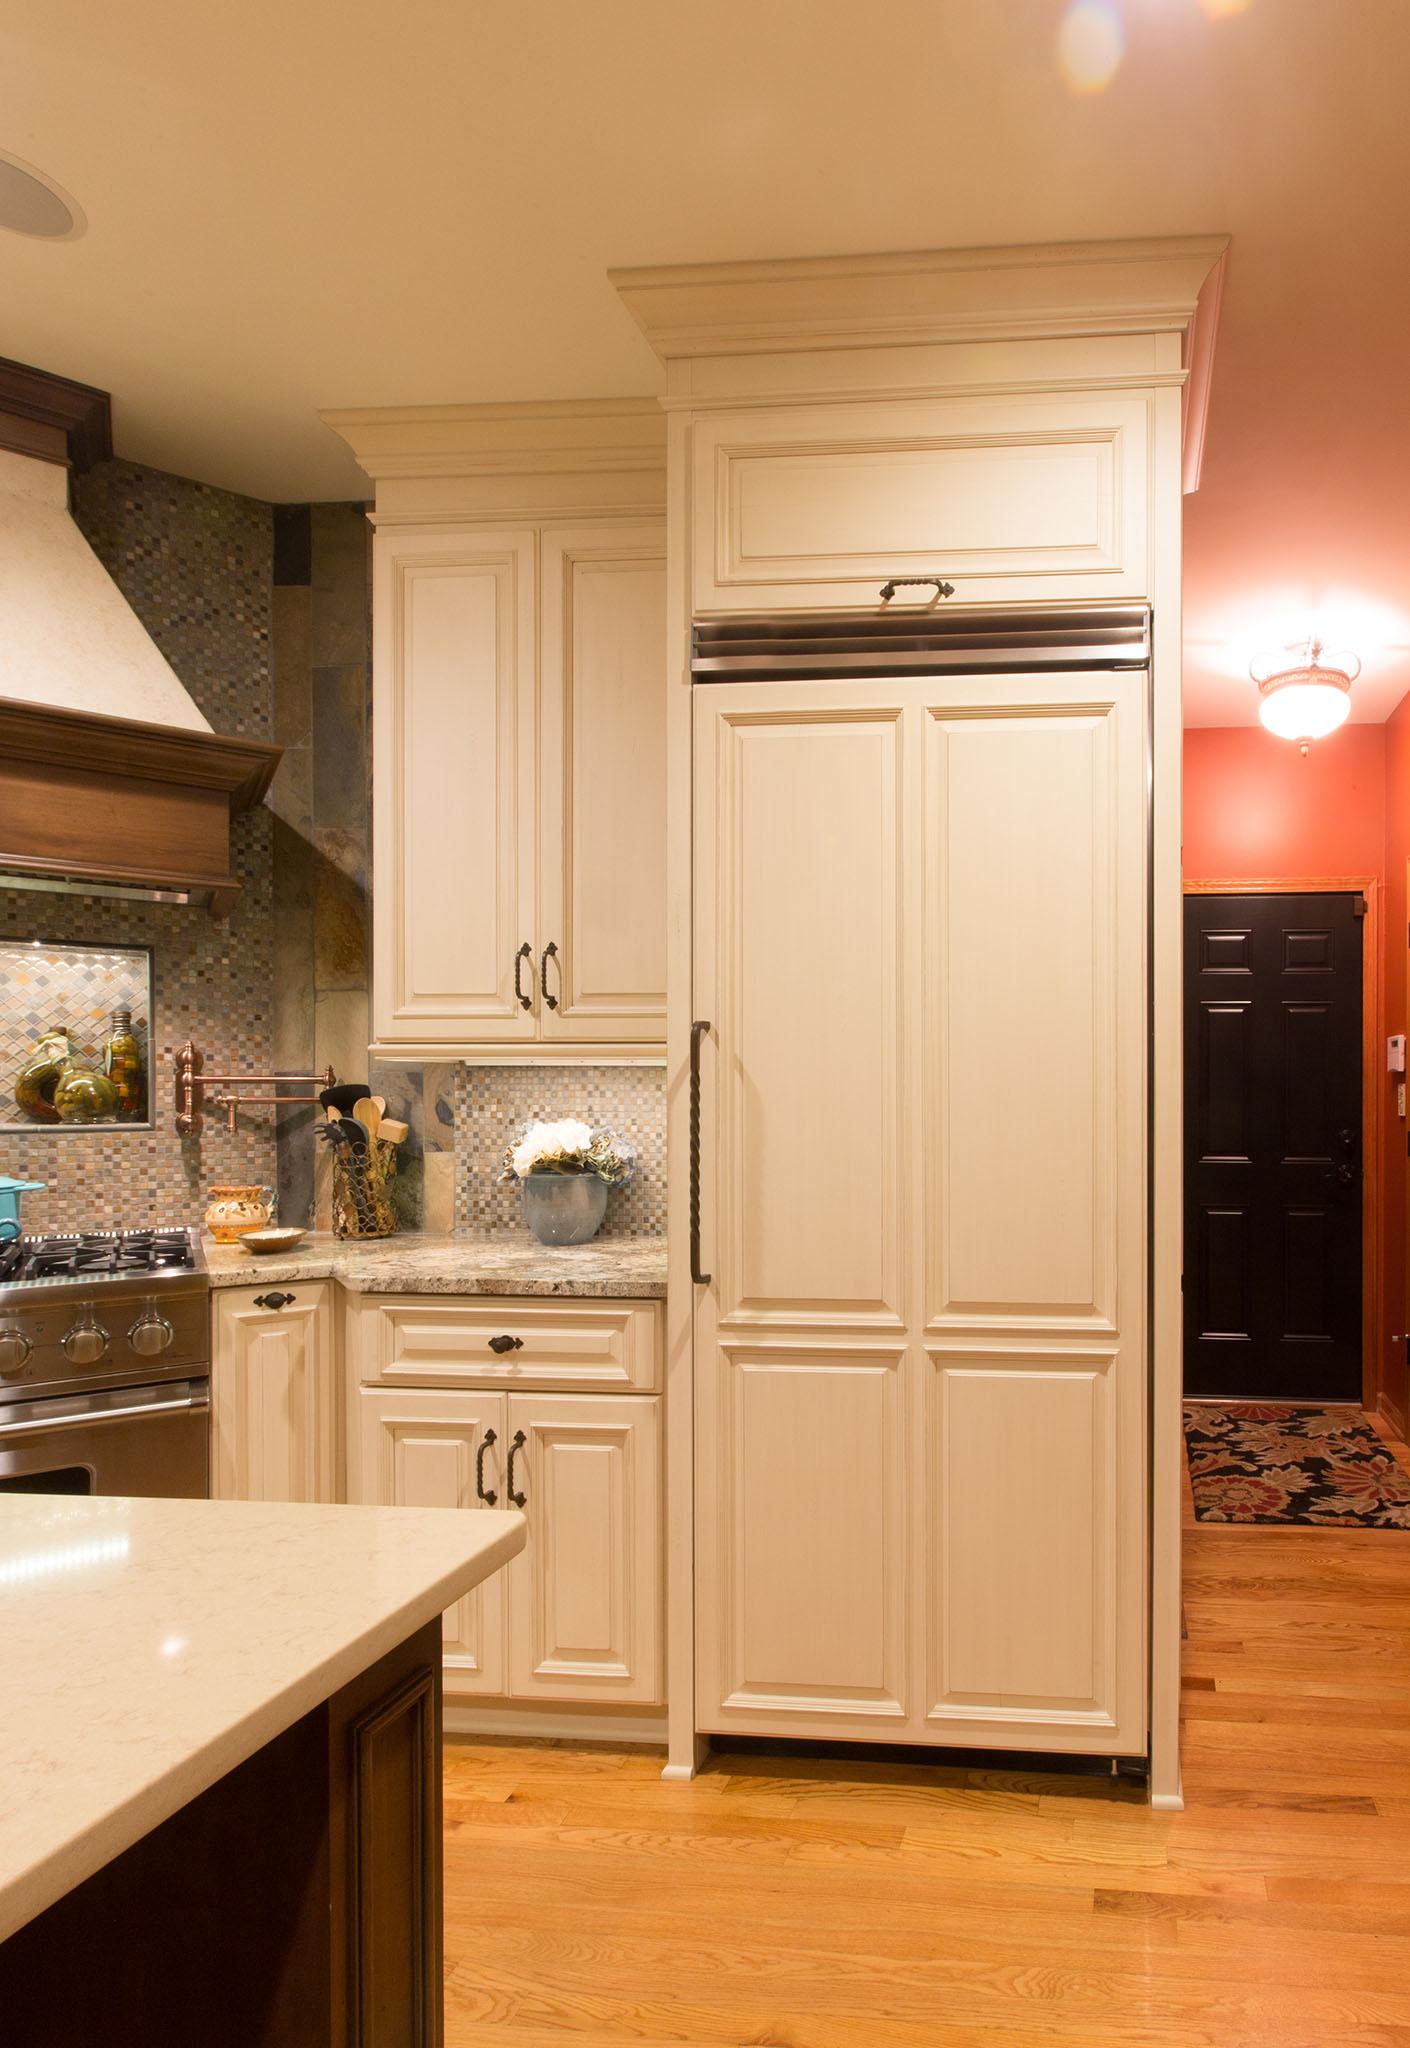 Built-in refrigerator  Sub-Zero